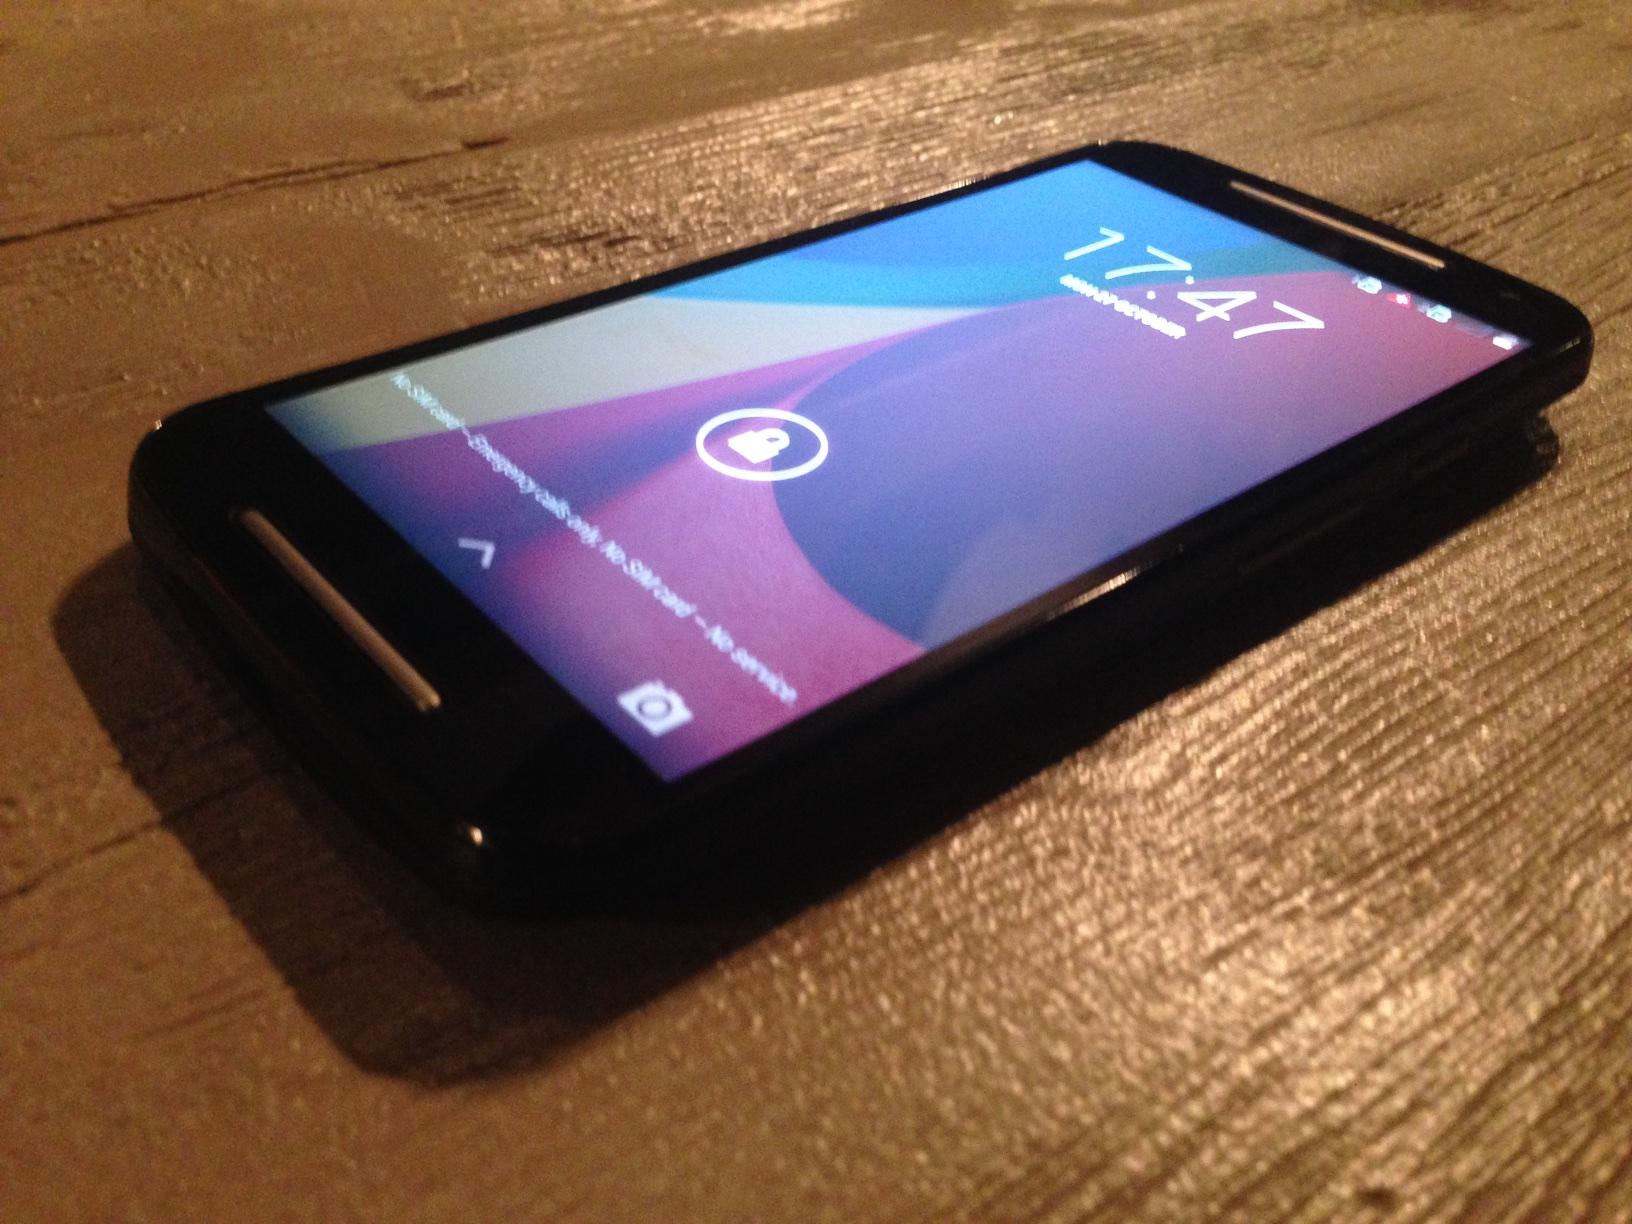 Moto G versione 2014